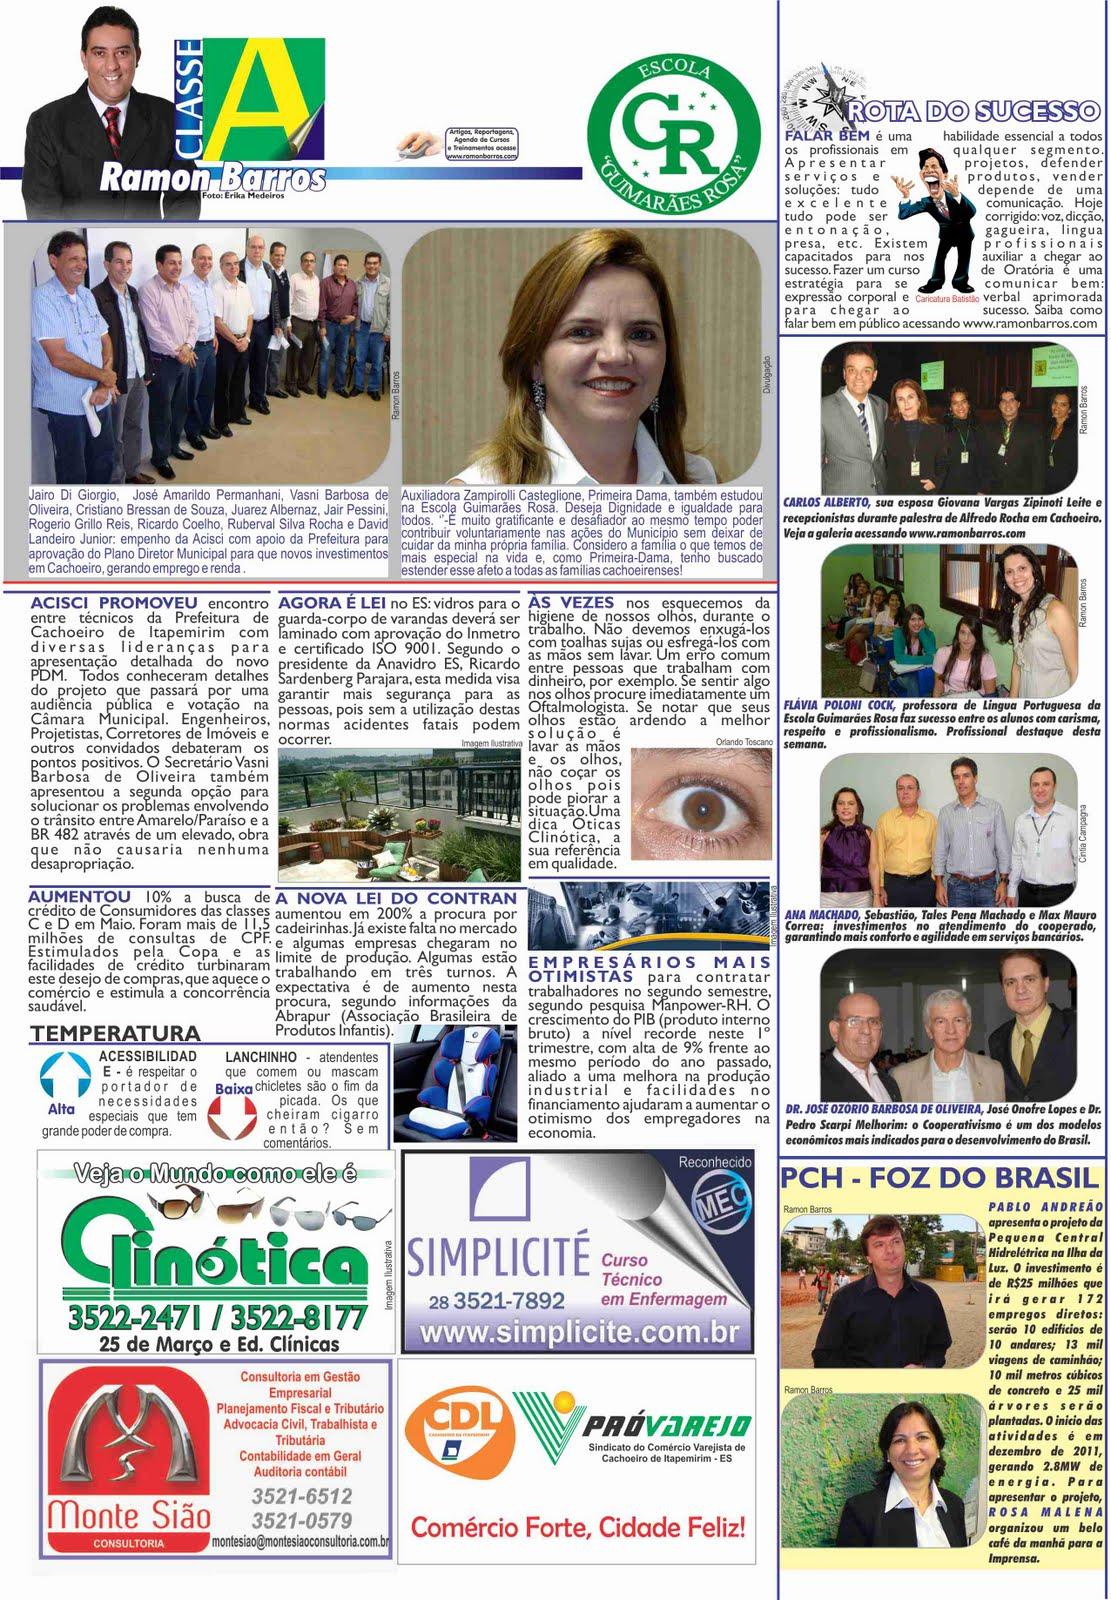 Clique para ampliar CLASSE A 12 de Junho de 2010